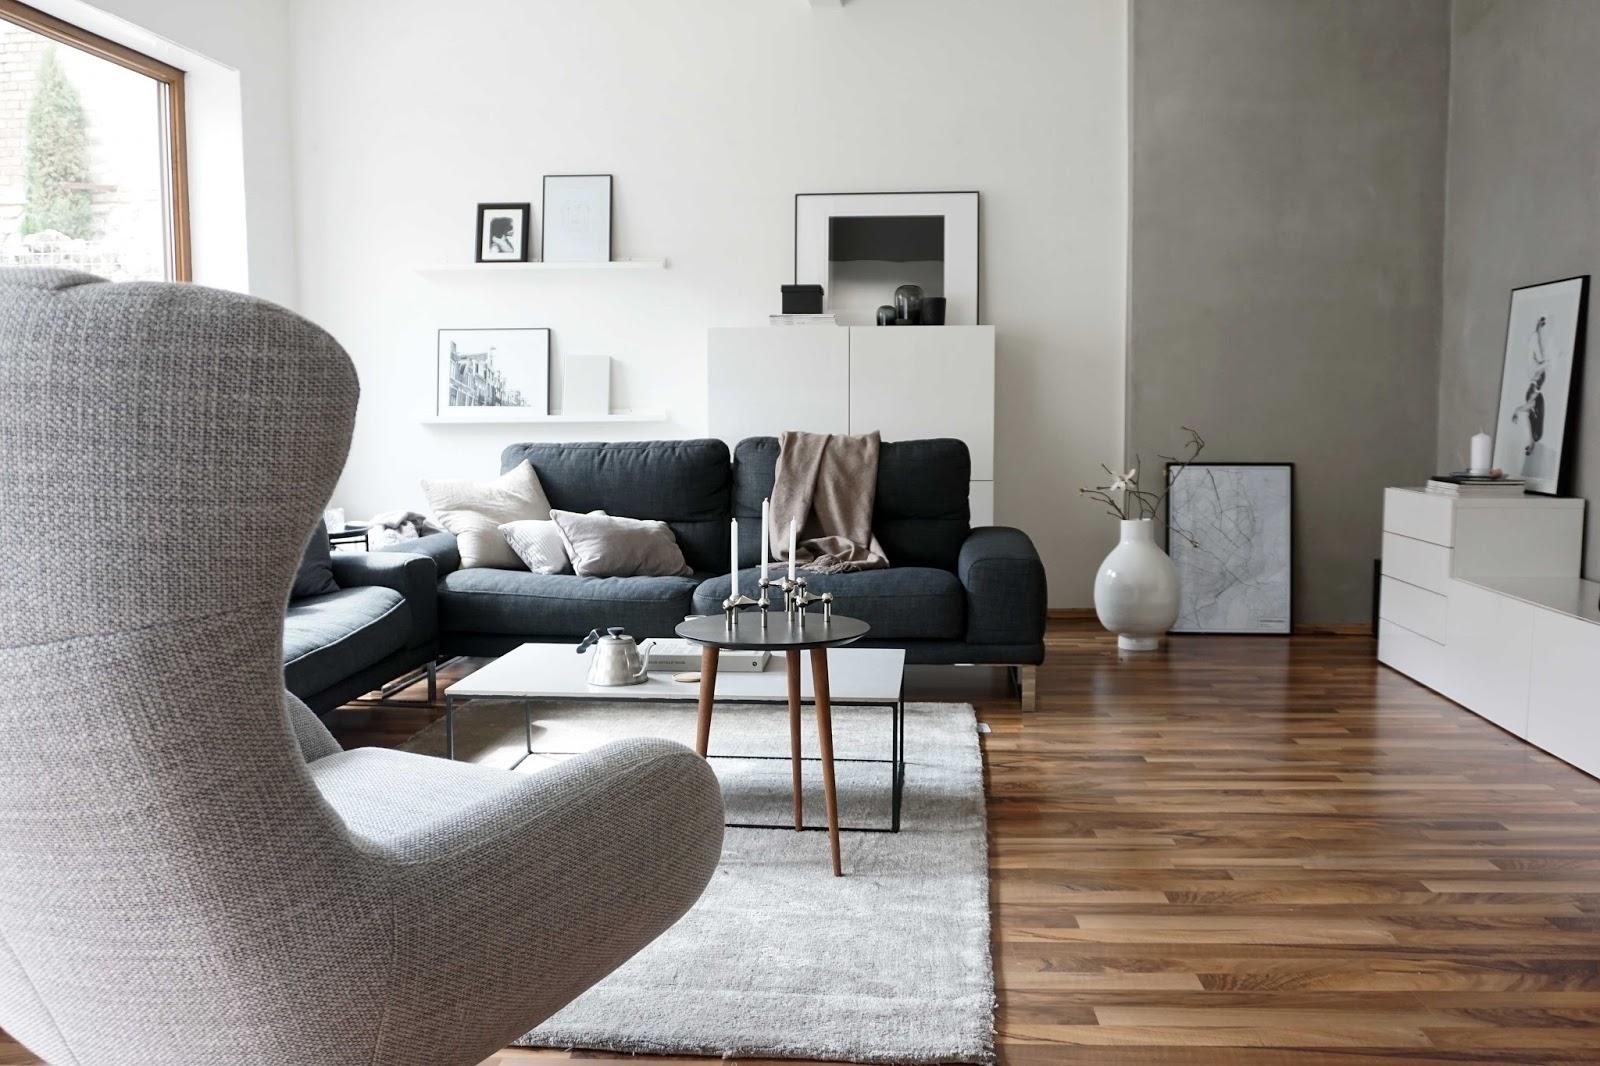 ... Polstermöbelhersteller Ewald Schillig Steht Für Schöne, Durchdachte Und  Individualisierbare Polstermöbel Zu Bezahlbaren Preisen; Die Modelle Sind  Sehr ...